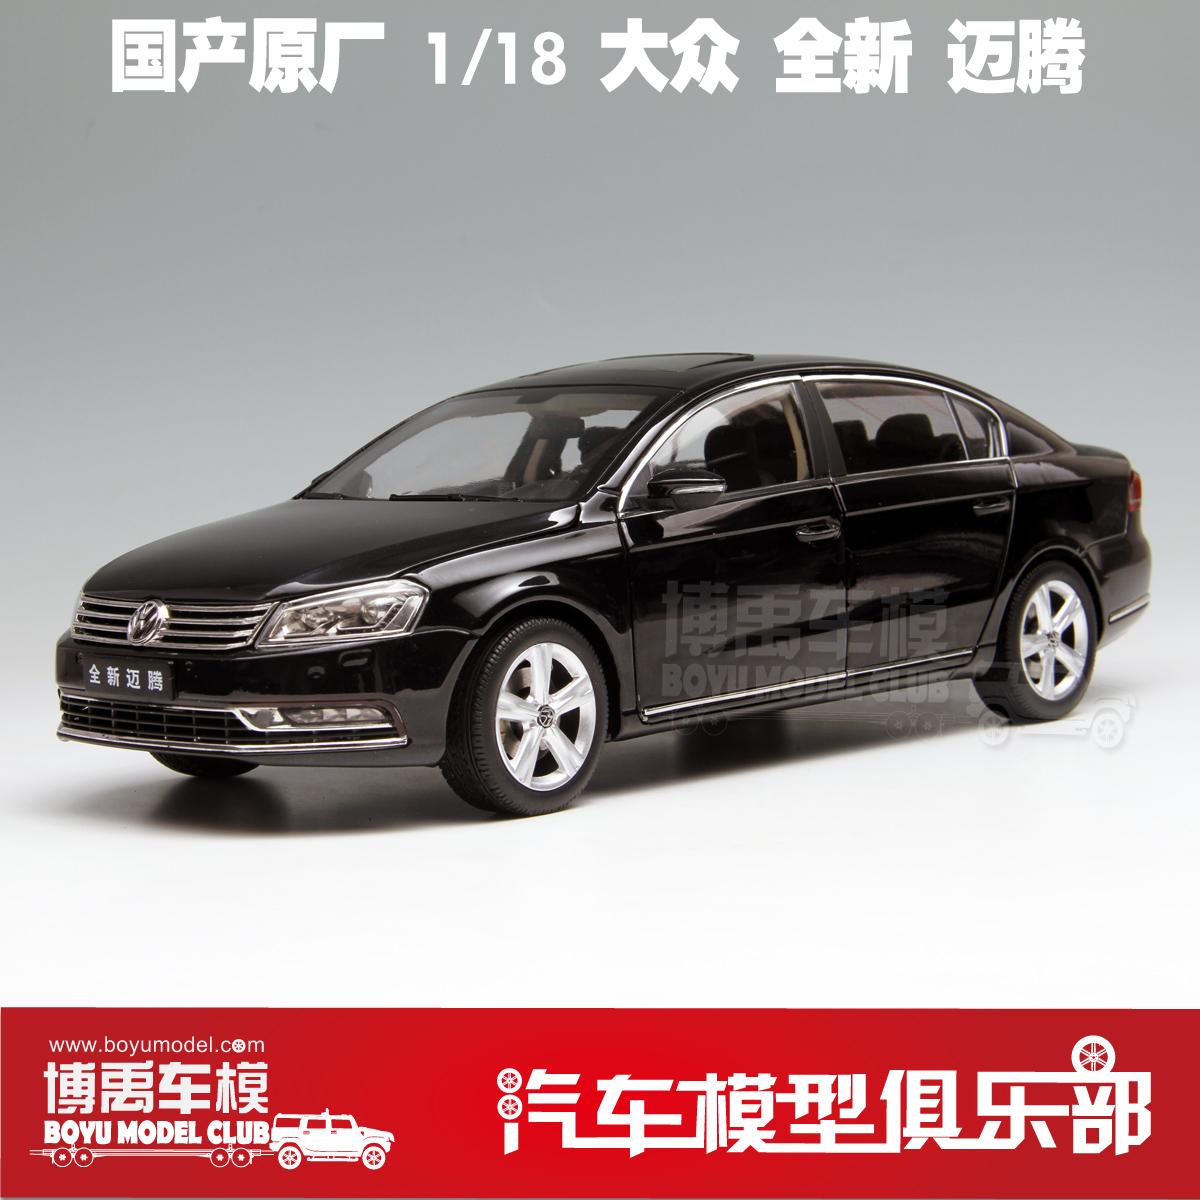 博禹车模 国产原厂 一汽大众 1:18 大众新迈腾 2011款 B7L 黑色